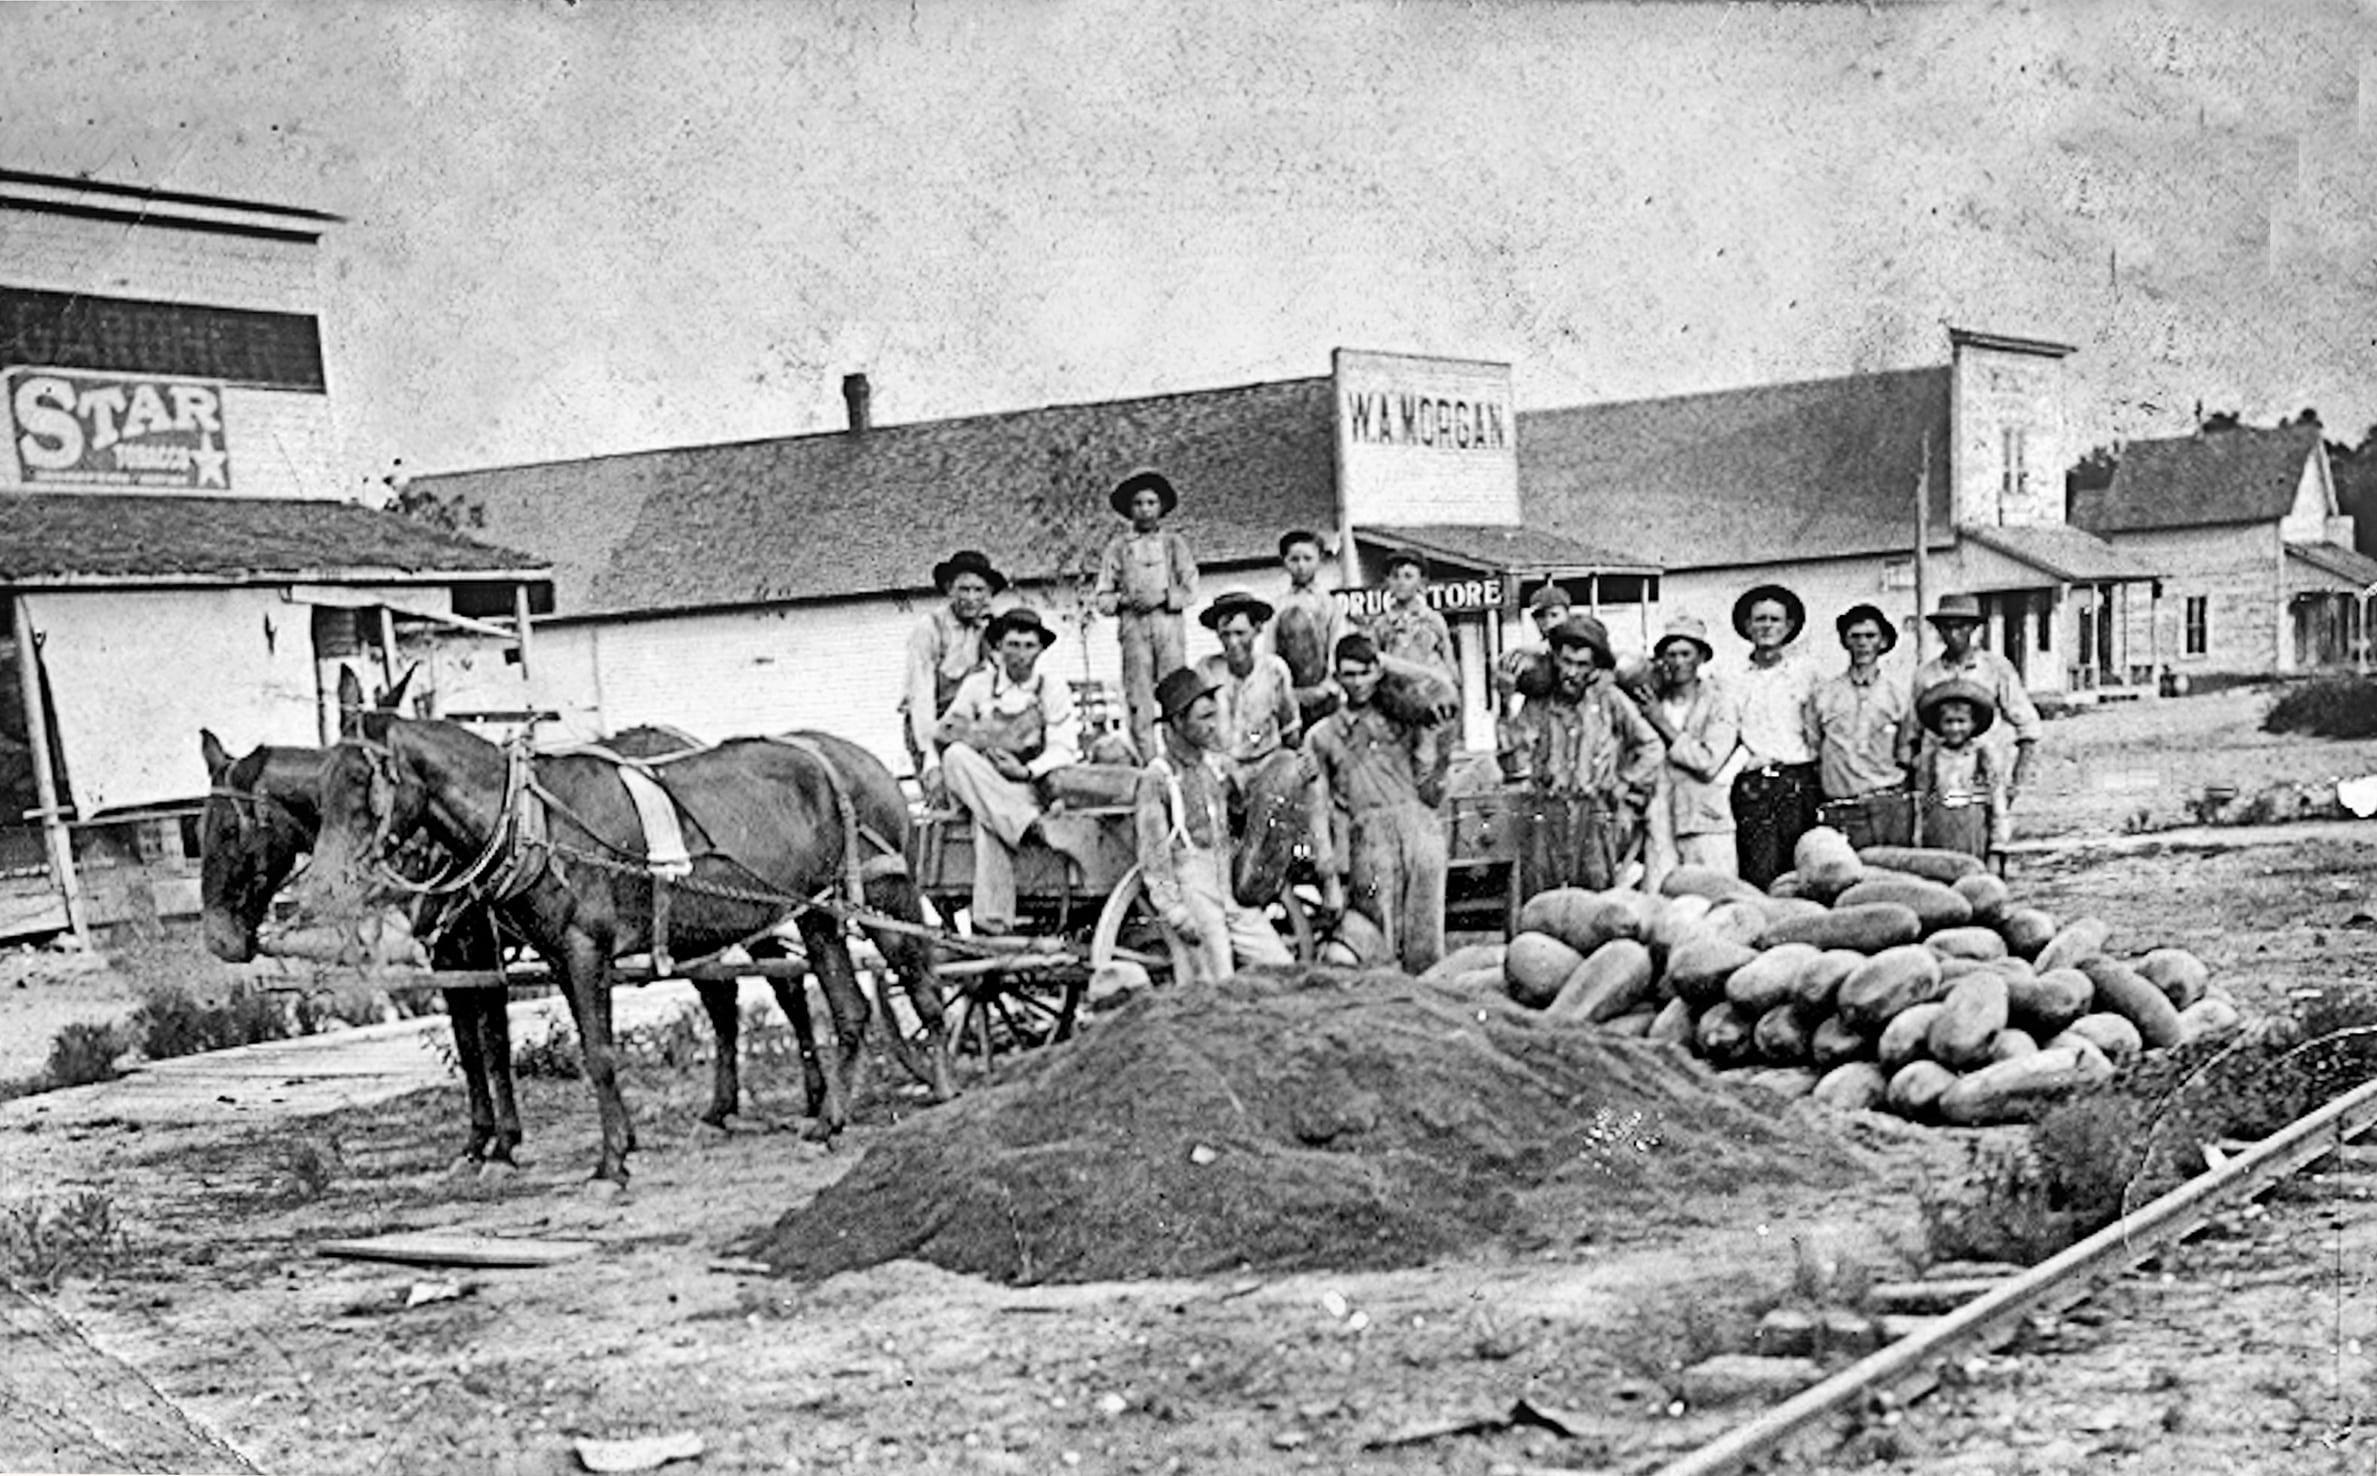 1900's – Main Street in Tupelo